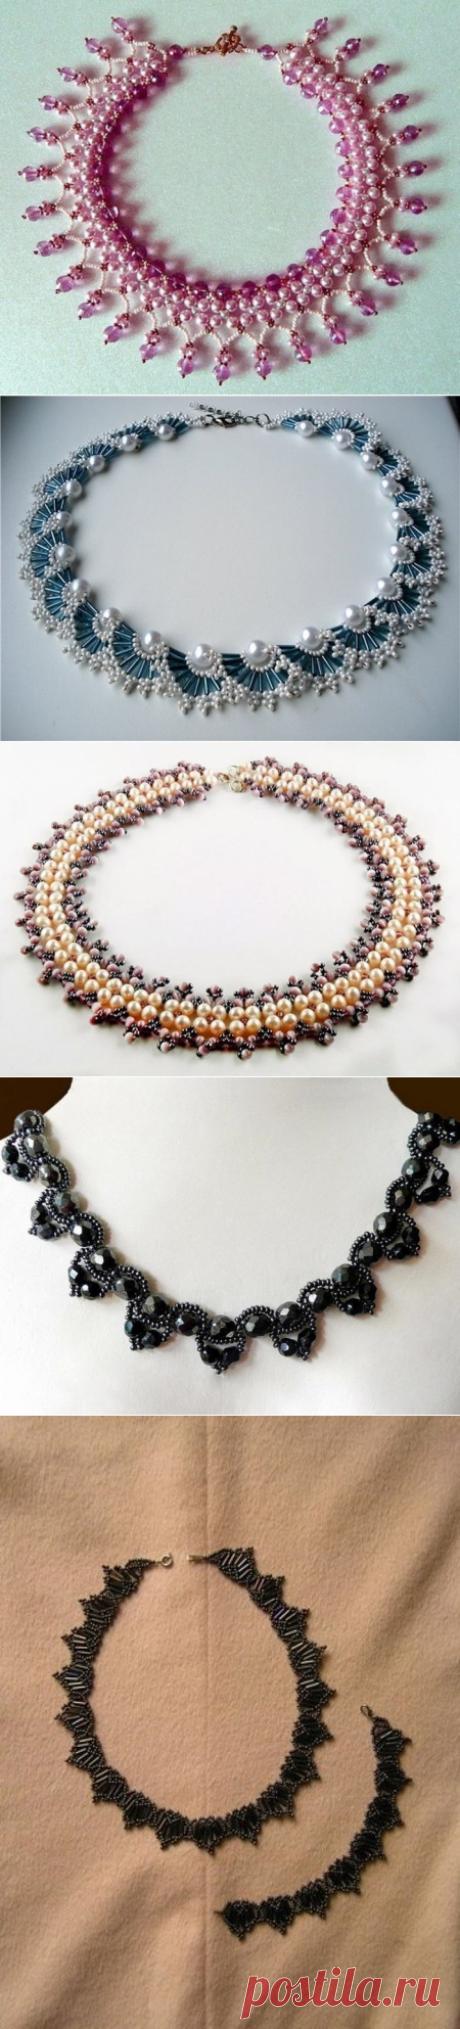 Ожерелья из бисера и бусин. Схемы плетения